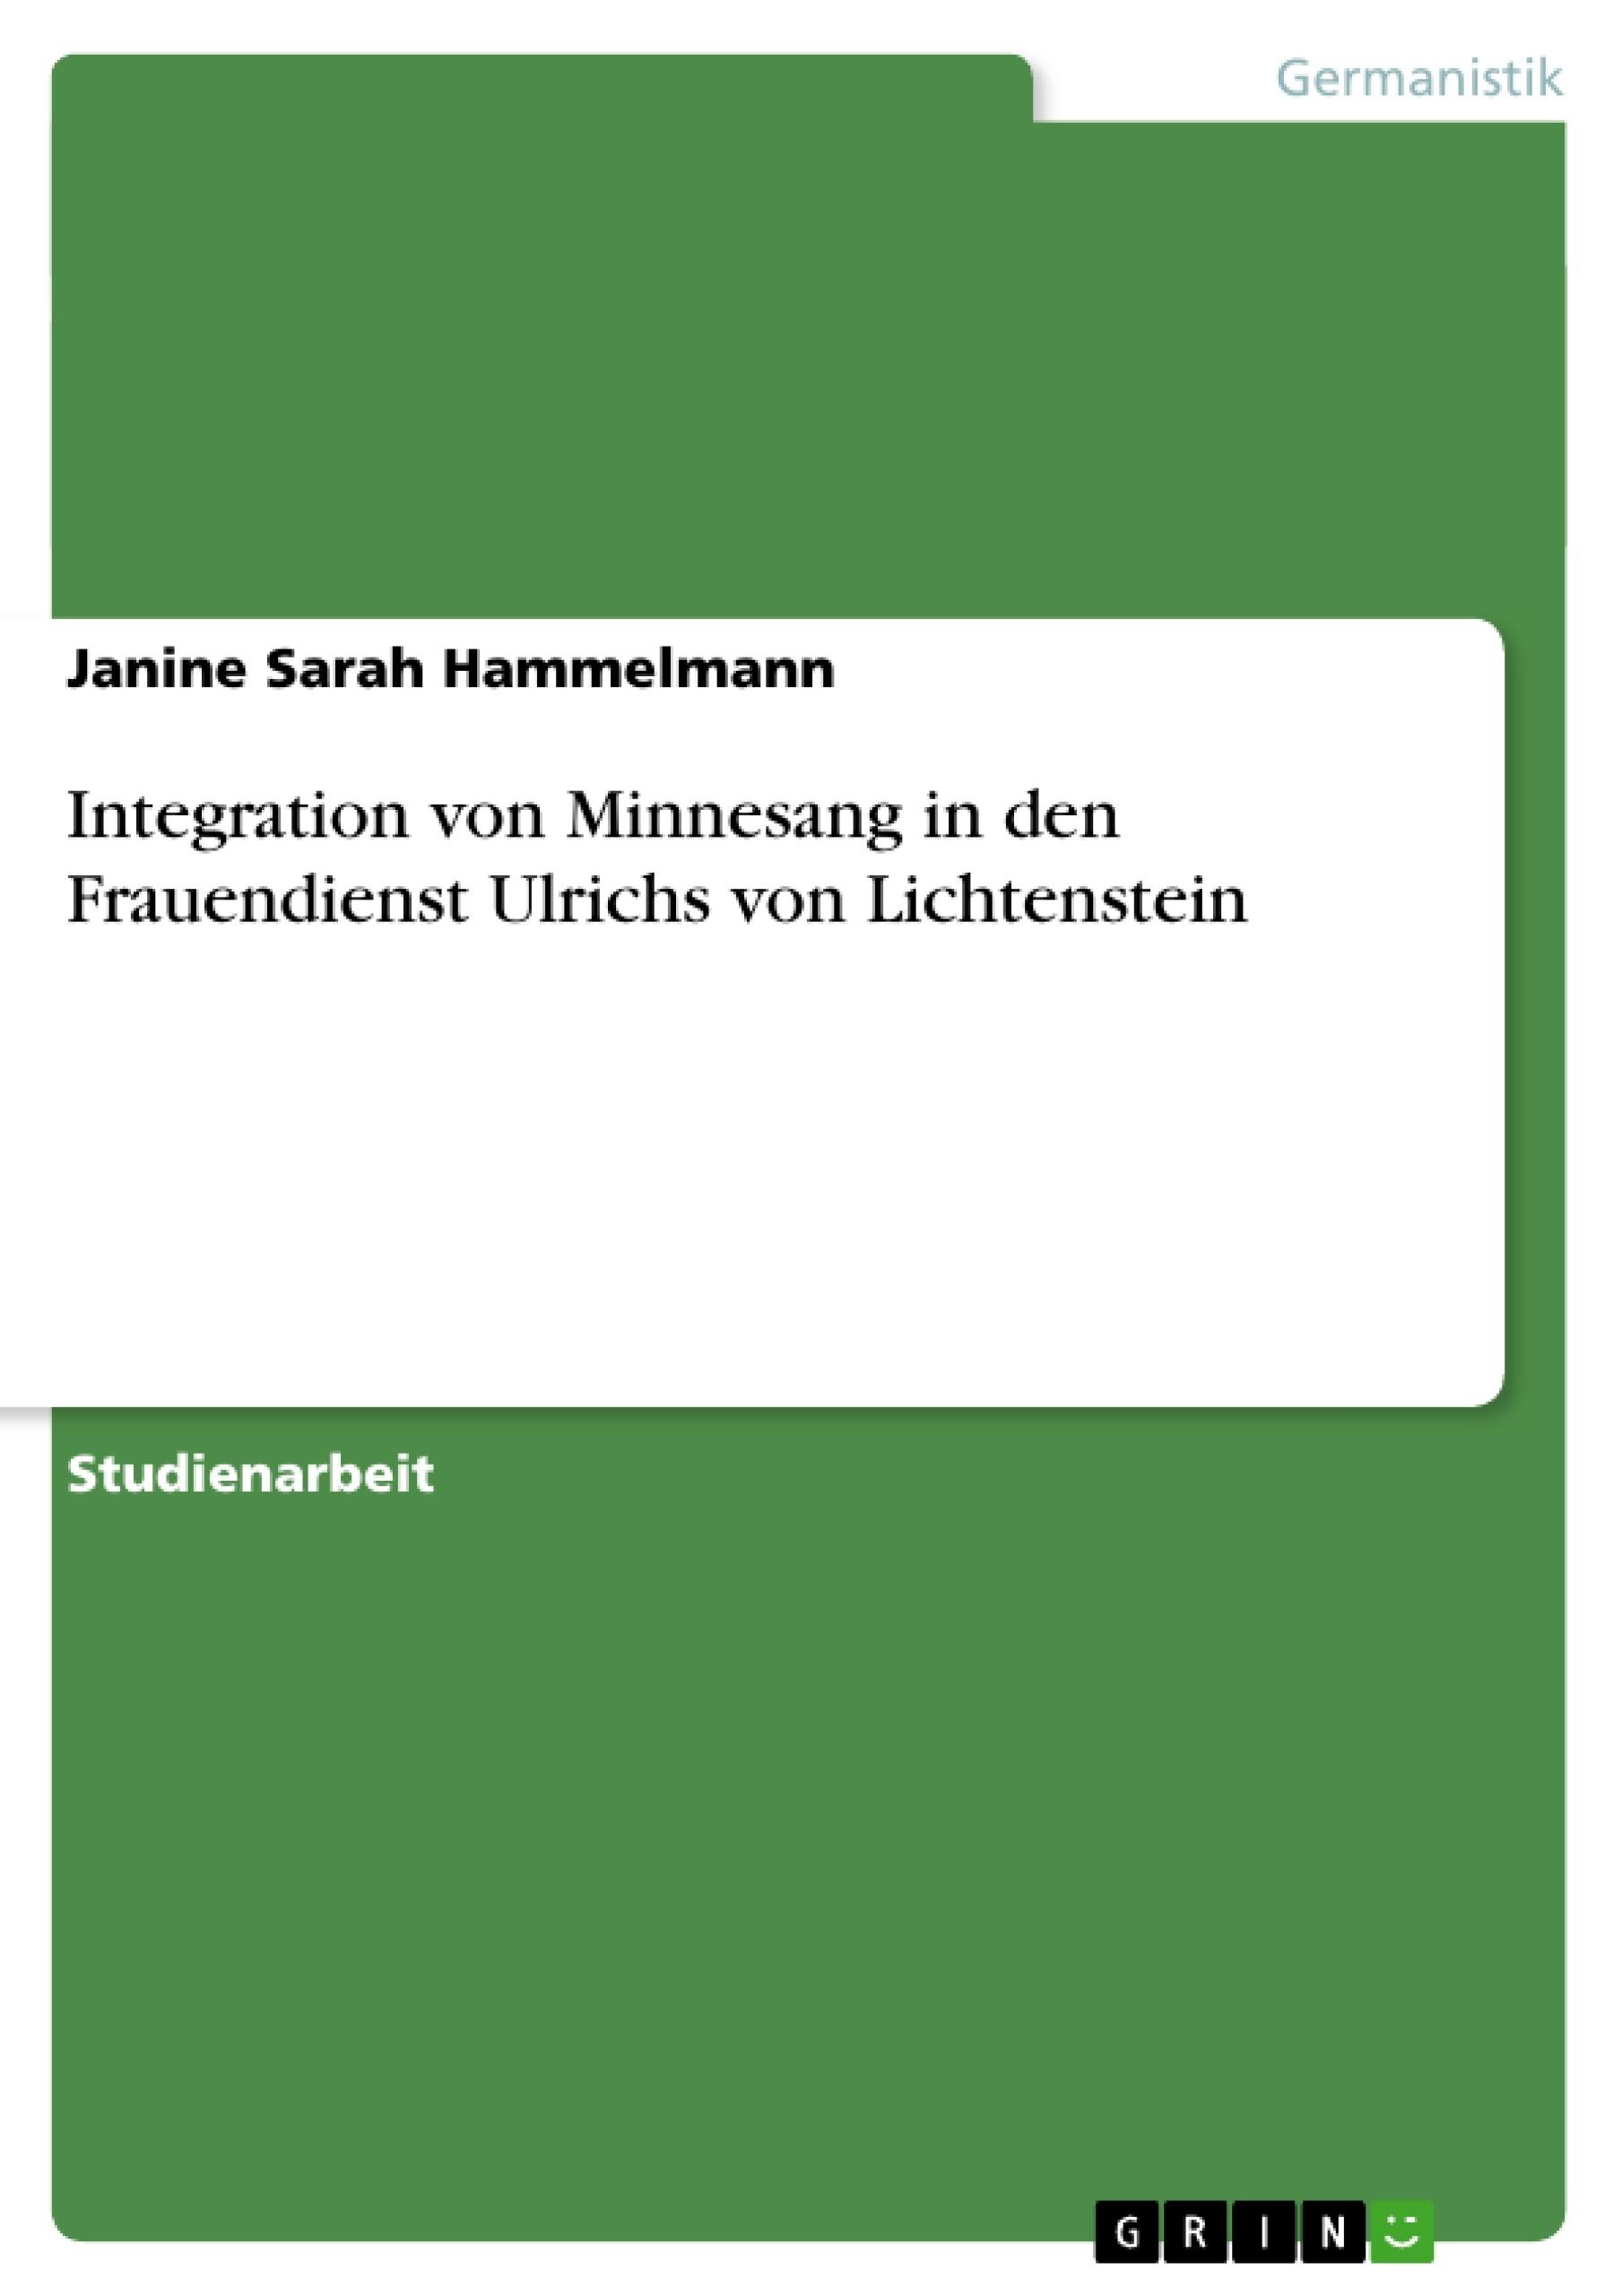 Titel: Integration von Minnesang in den Frauendienst Ulrichs von Lichtenstein